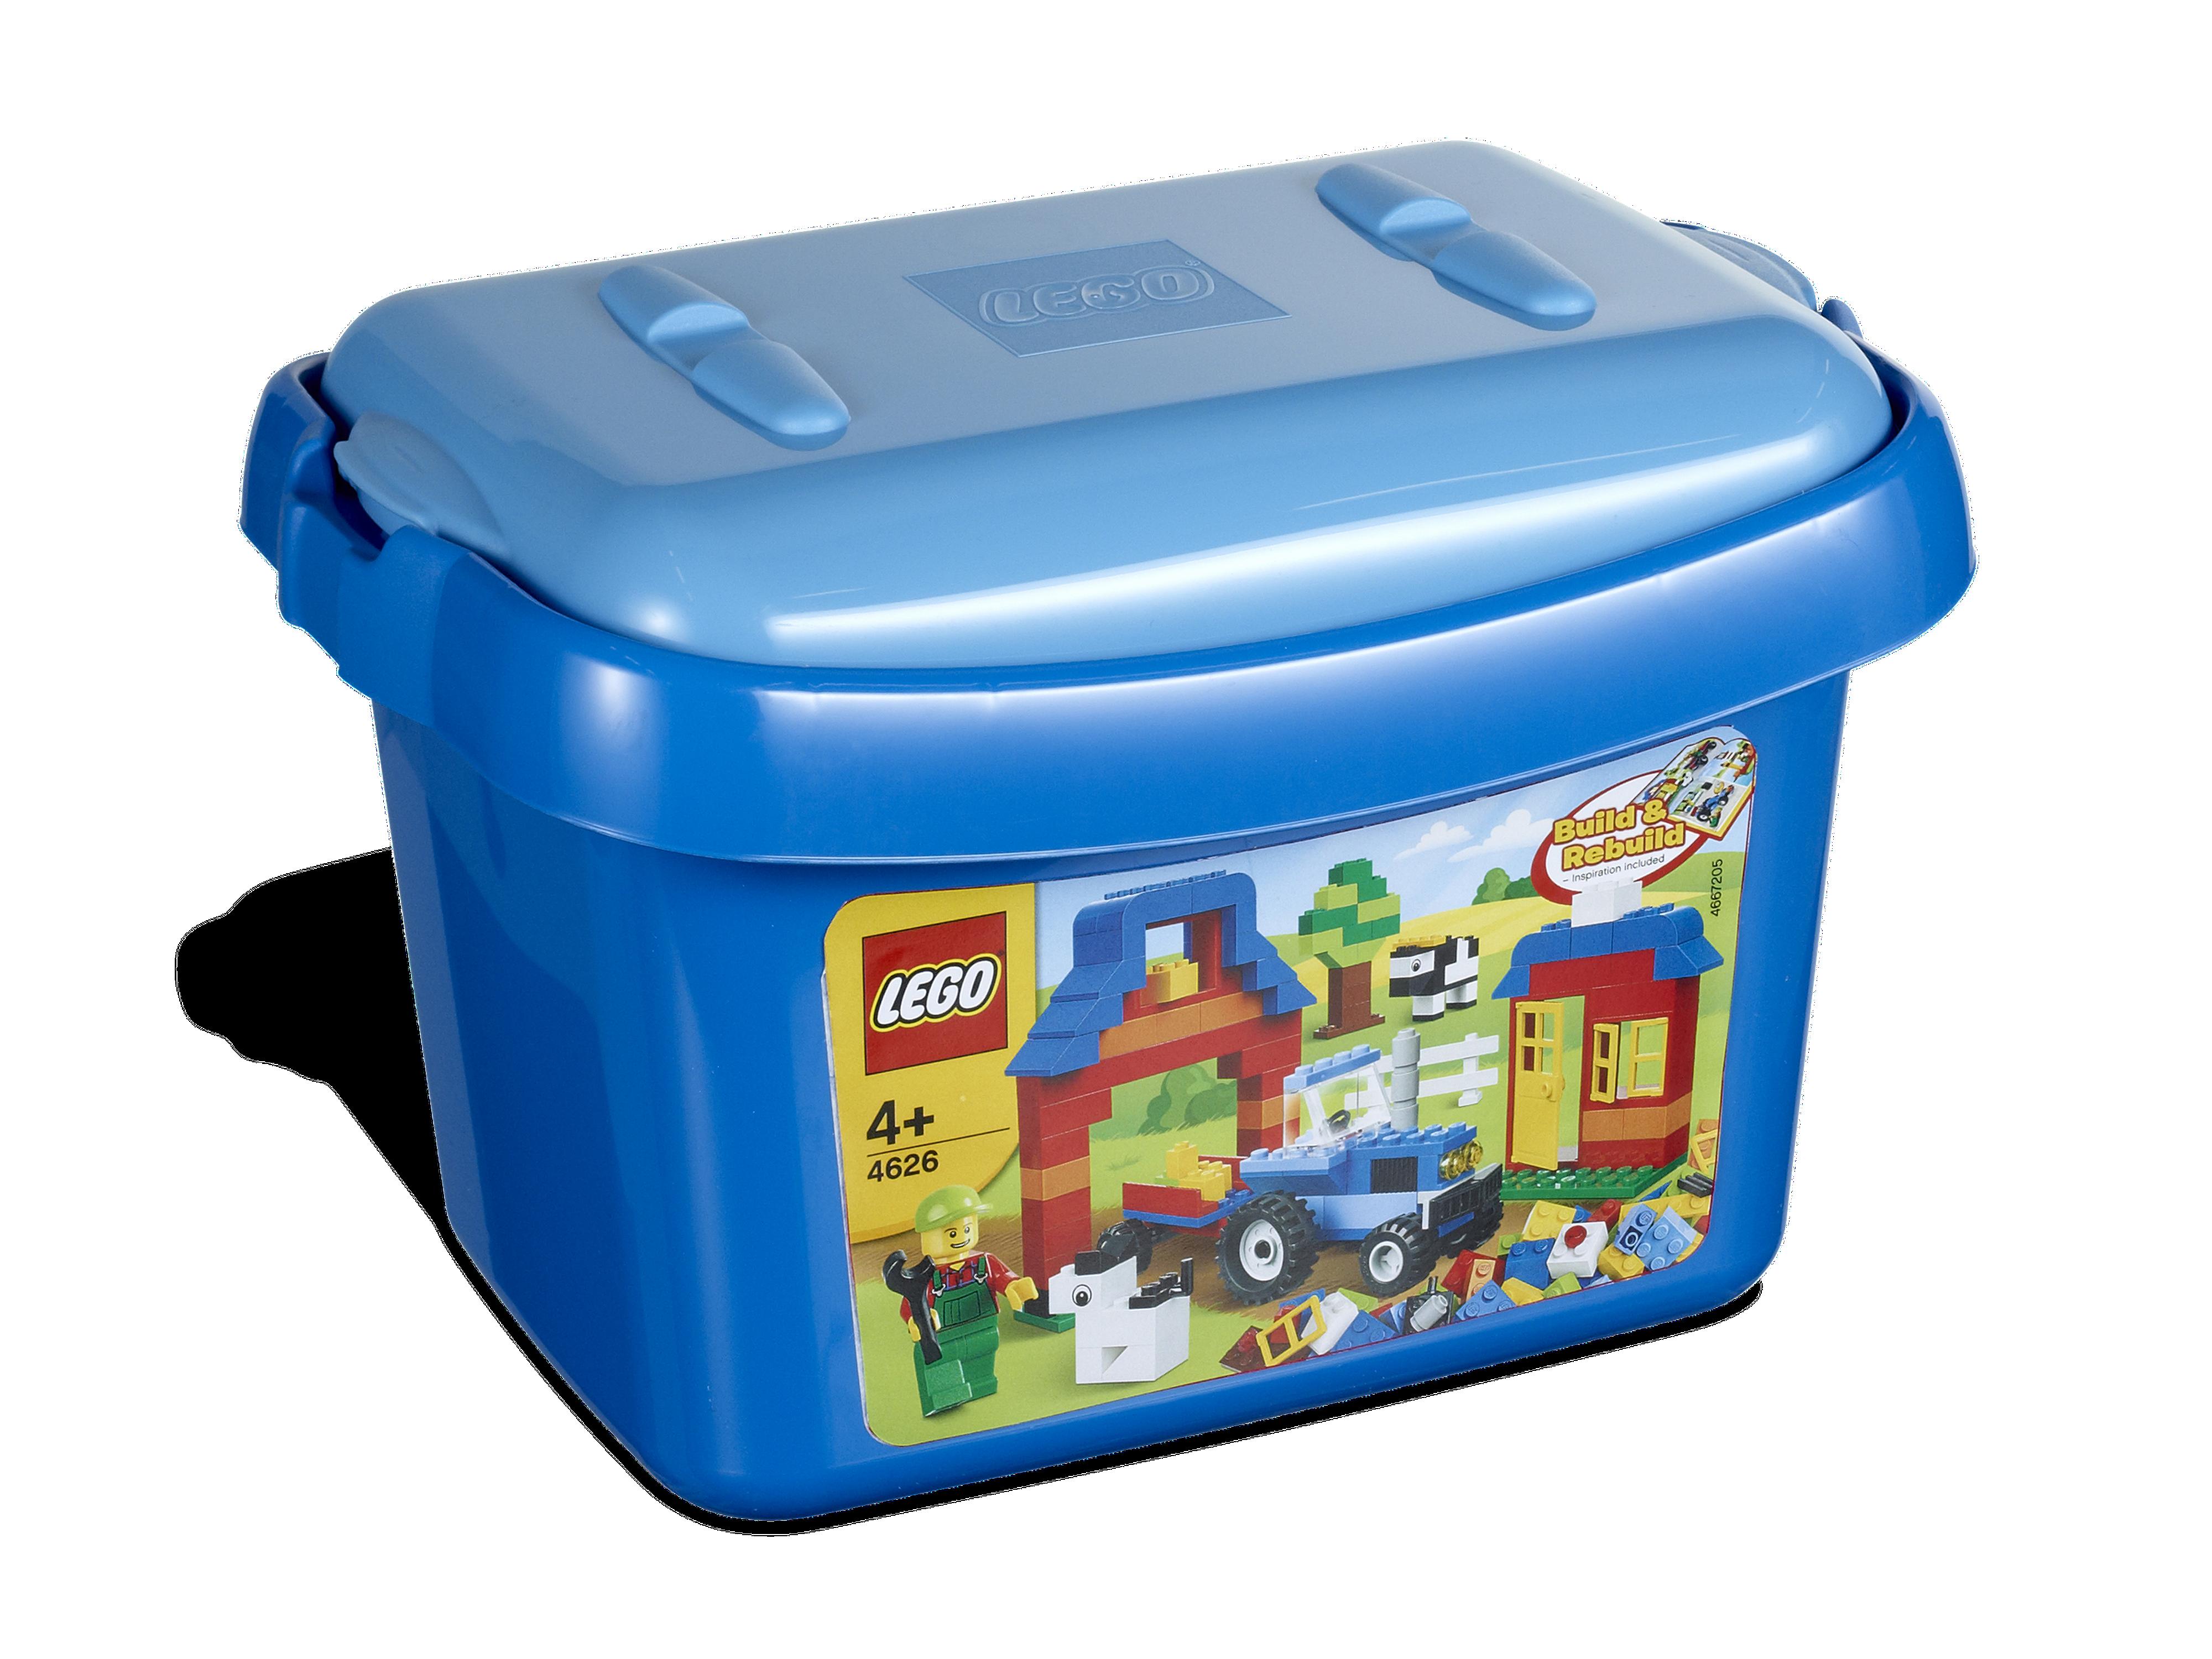 4626 LEGO Brick Box Brickipedia FANDOM powered by Wikia